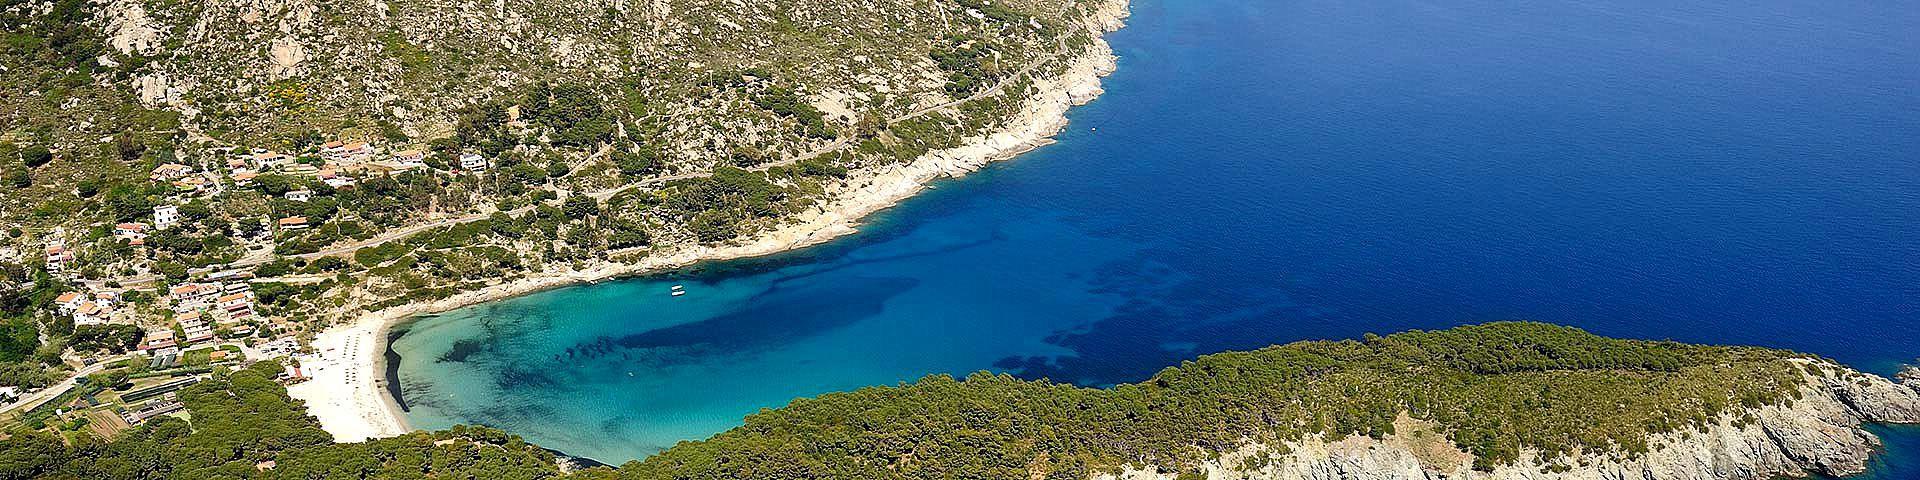 Elba, zátoka a pláž Fetovaia je menší, klidné místo nedaleko Marina di Campo